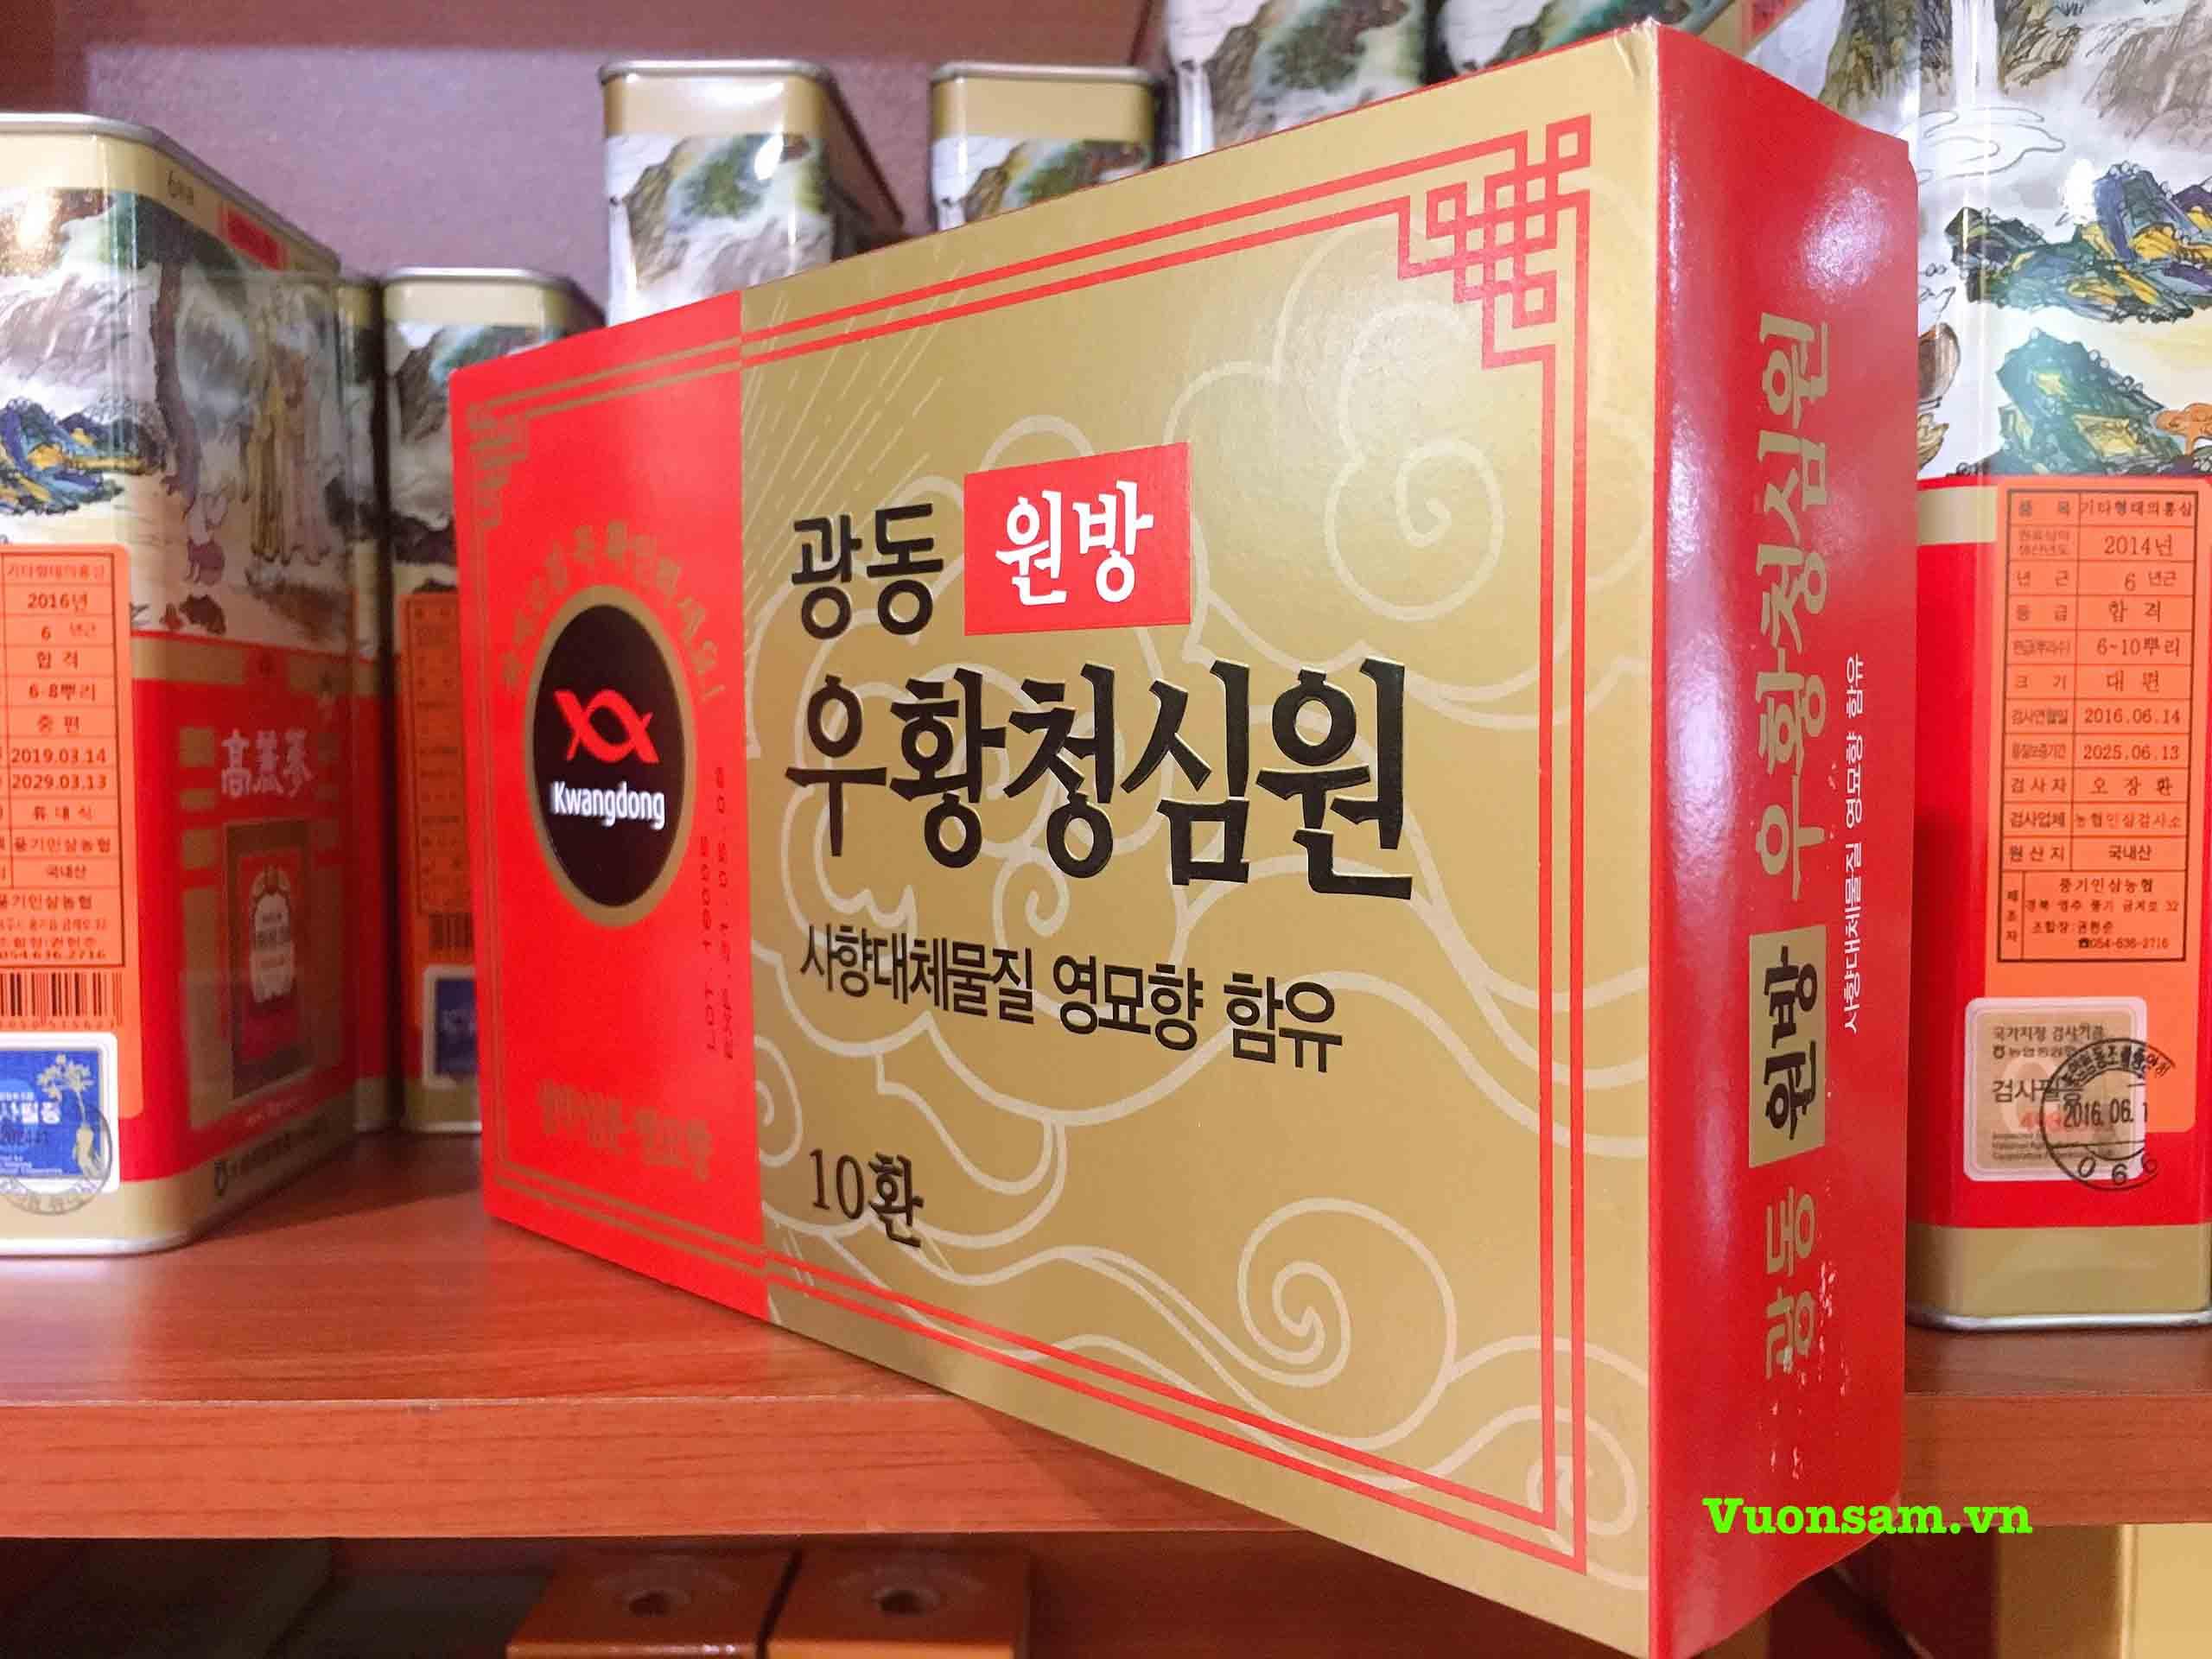 Viên Chống Đột Quỵ Hàn Quốc (Hộp Vàng 10 Viên) hình đại diện